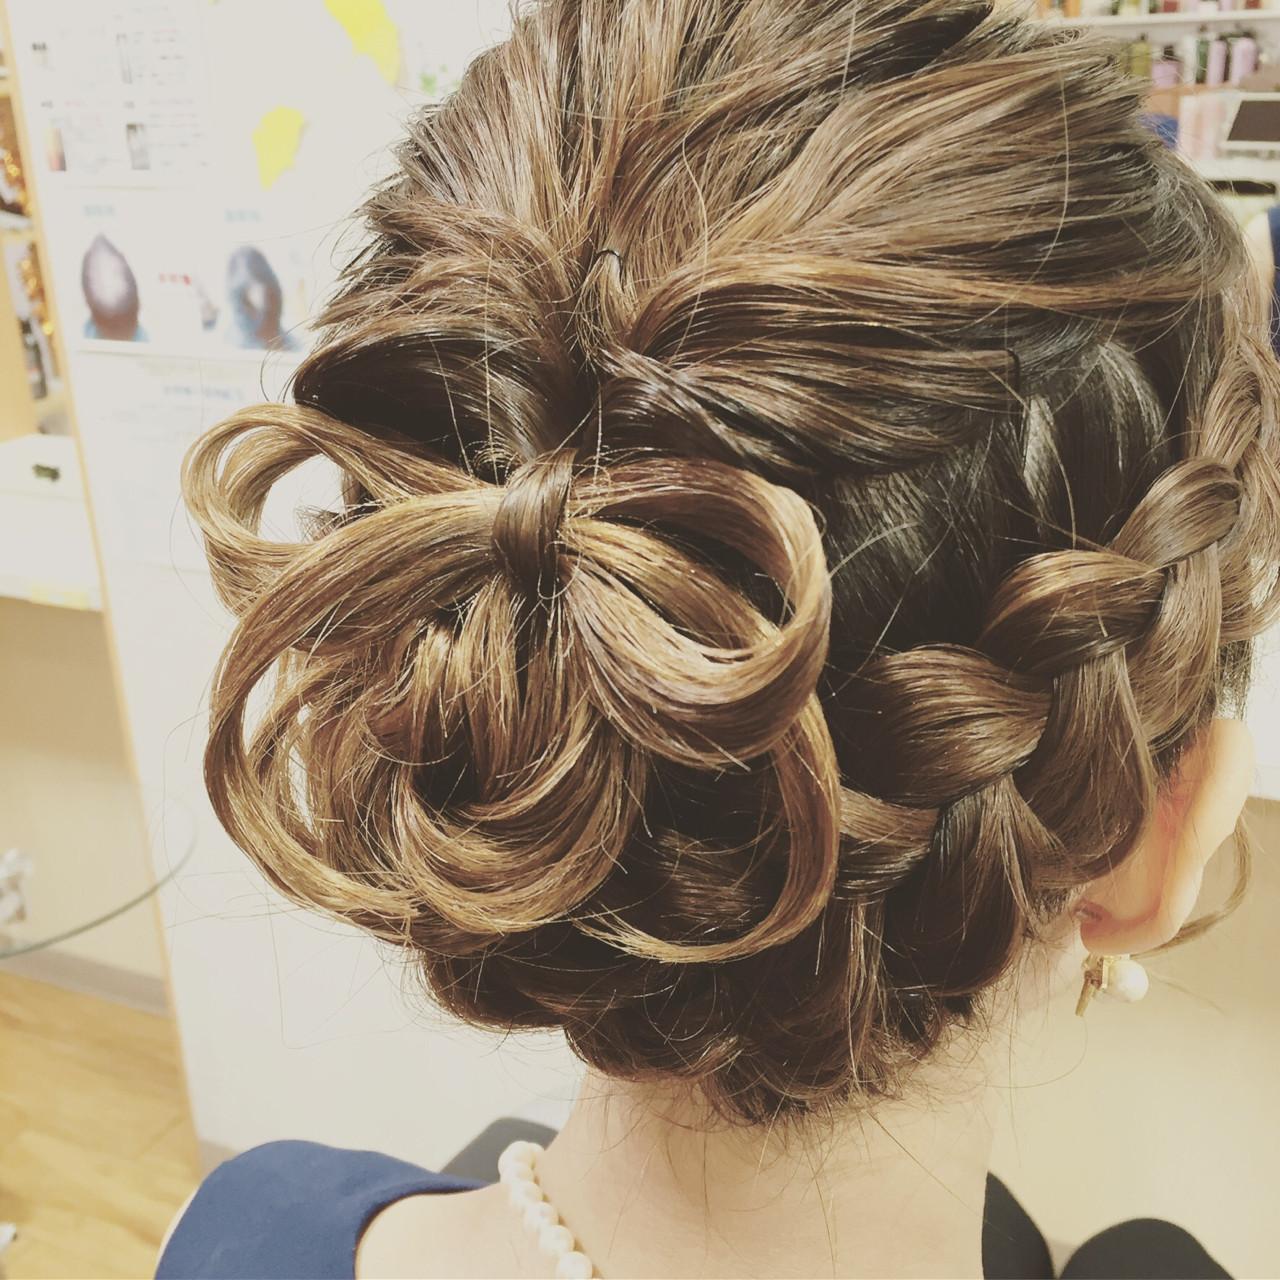 フェミニン ミディアム 結婚式 編み込み ヘアスタイルや髪型の写真・画像